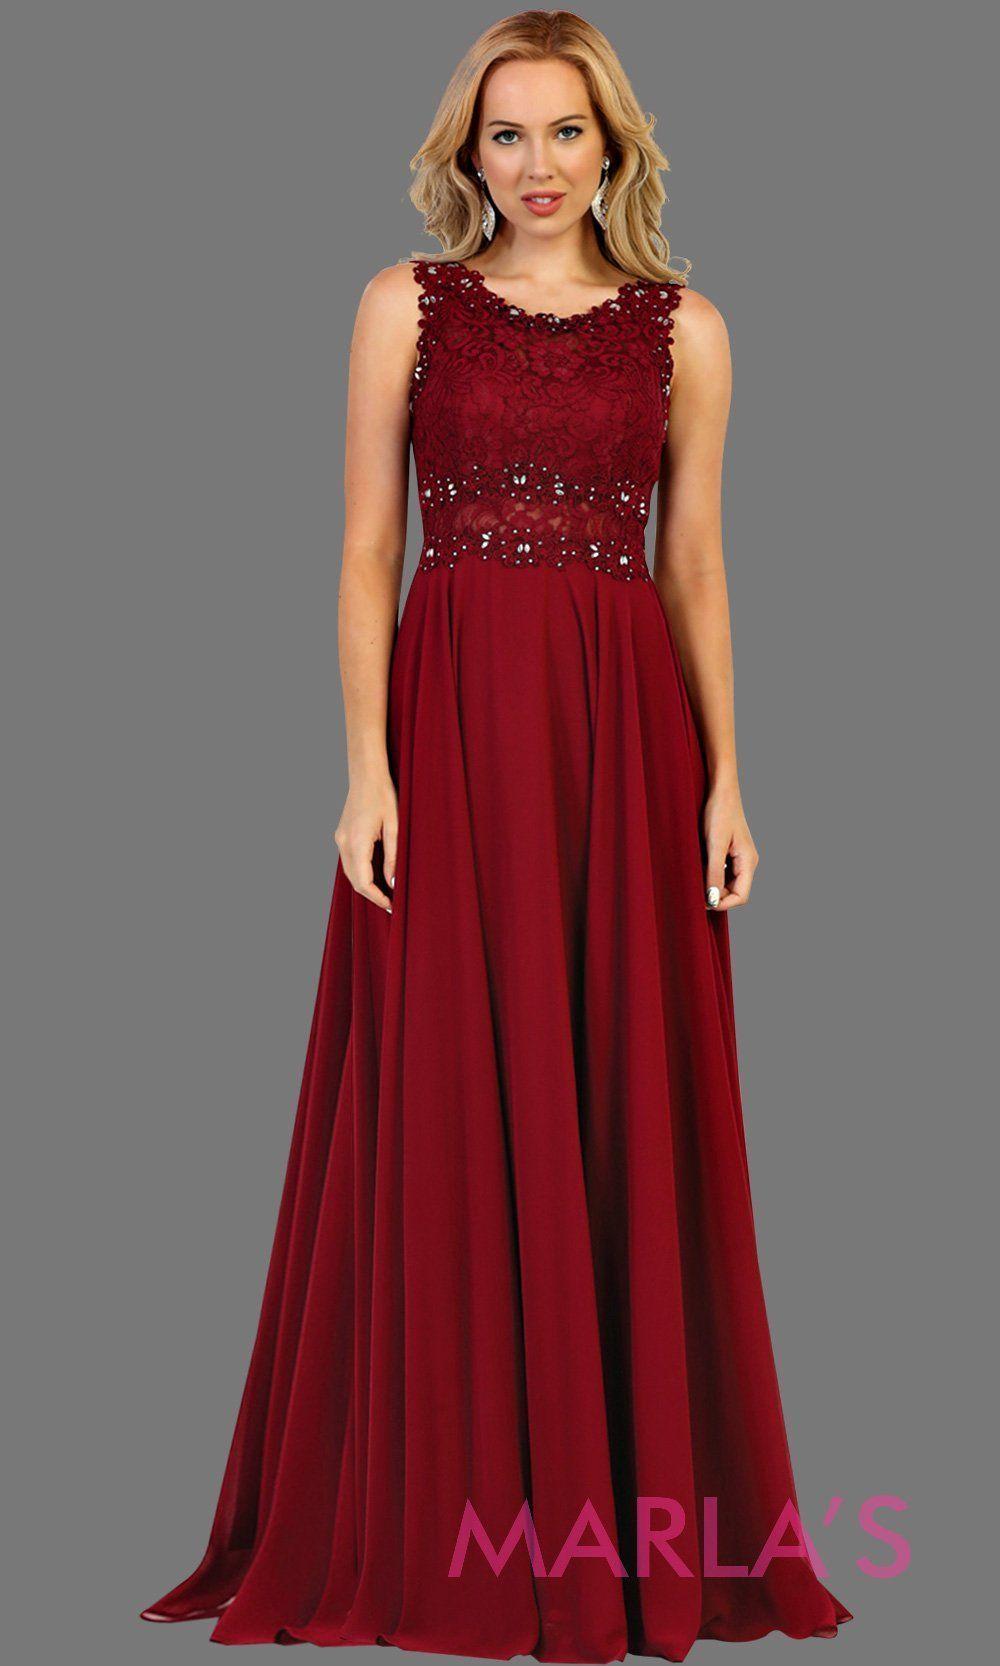 May Queen Mq1539 High Neck Flowy Dress Dresses Formal Wedding Guest Dress Flowy Dress [ 1666 x 1000 Pixel ]